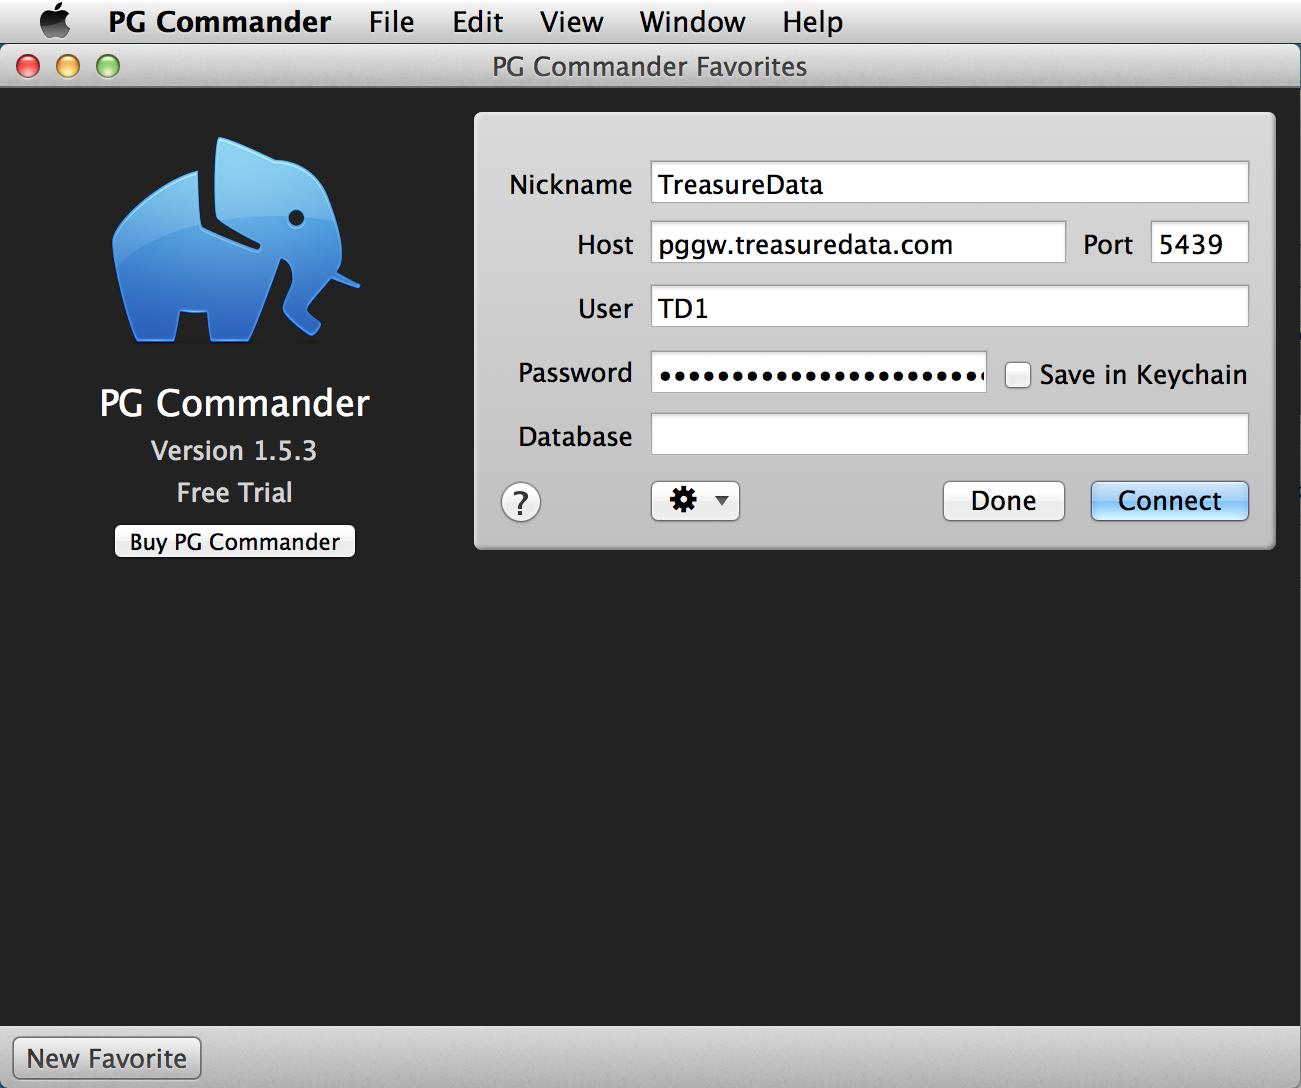 pgcommander-start.png